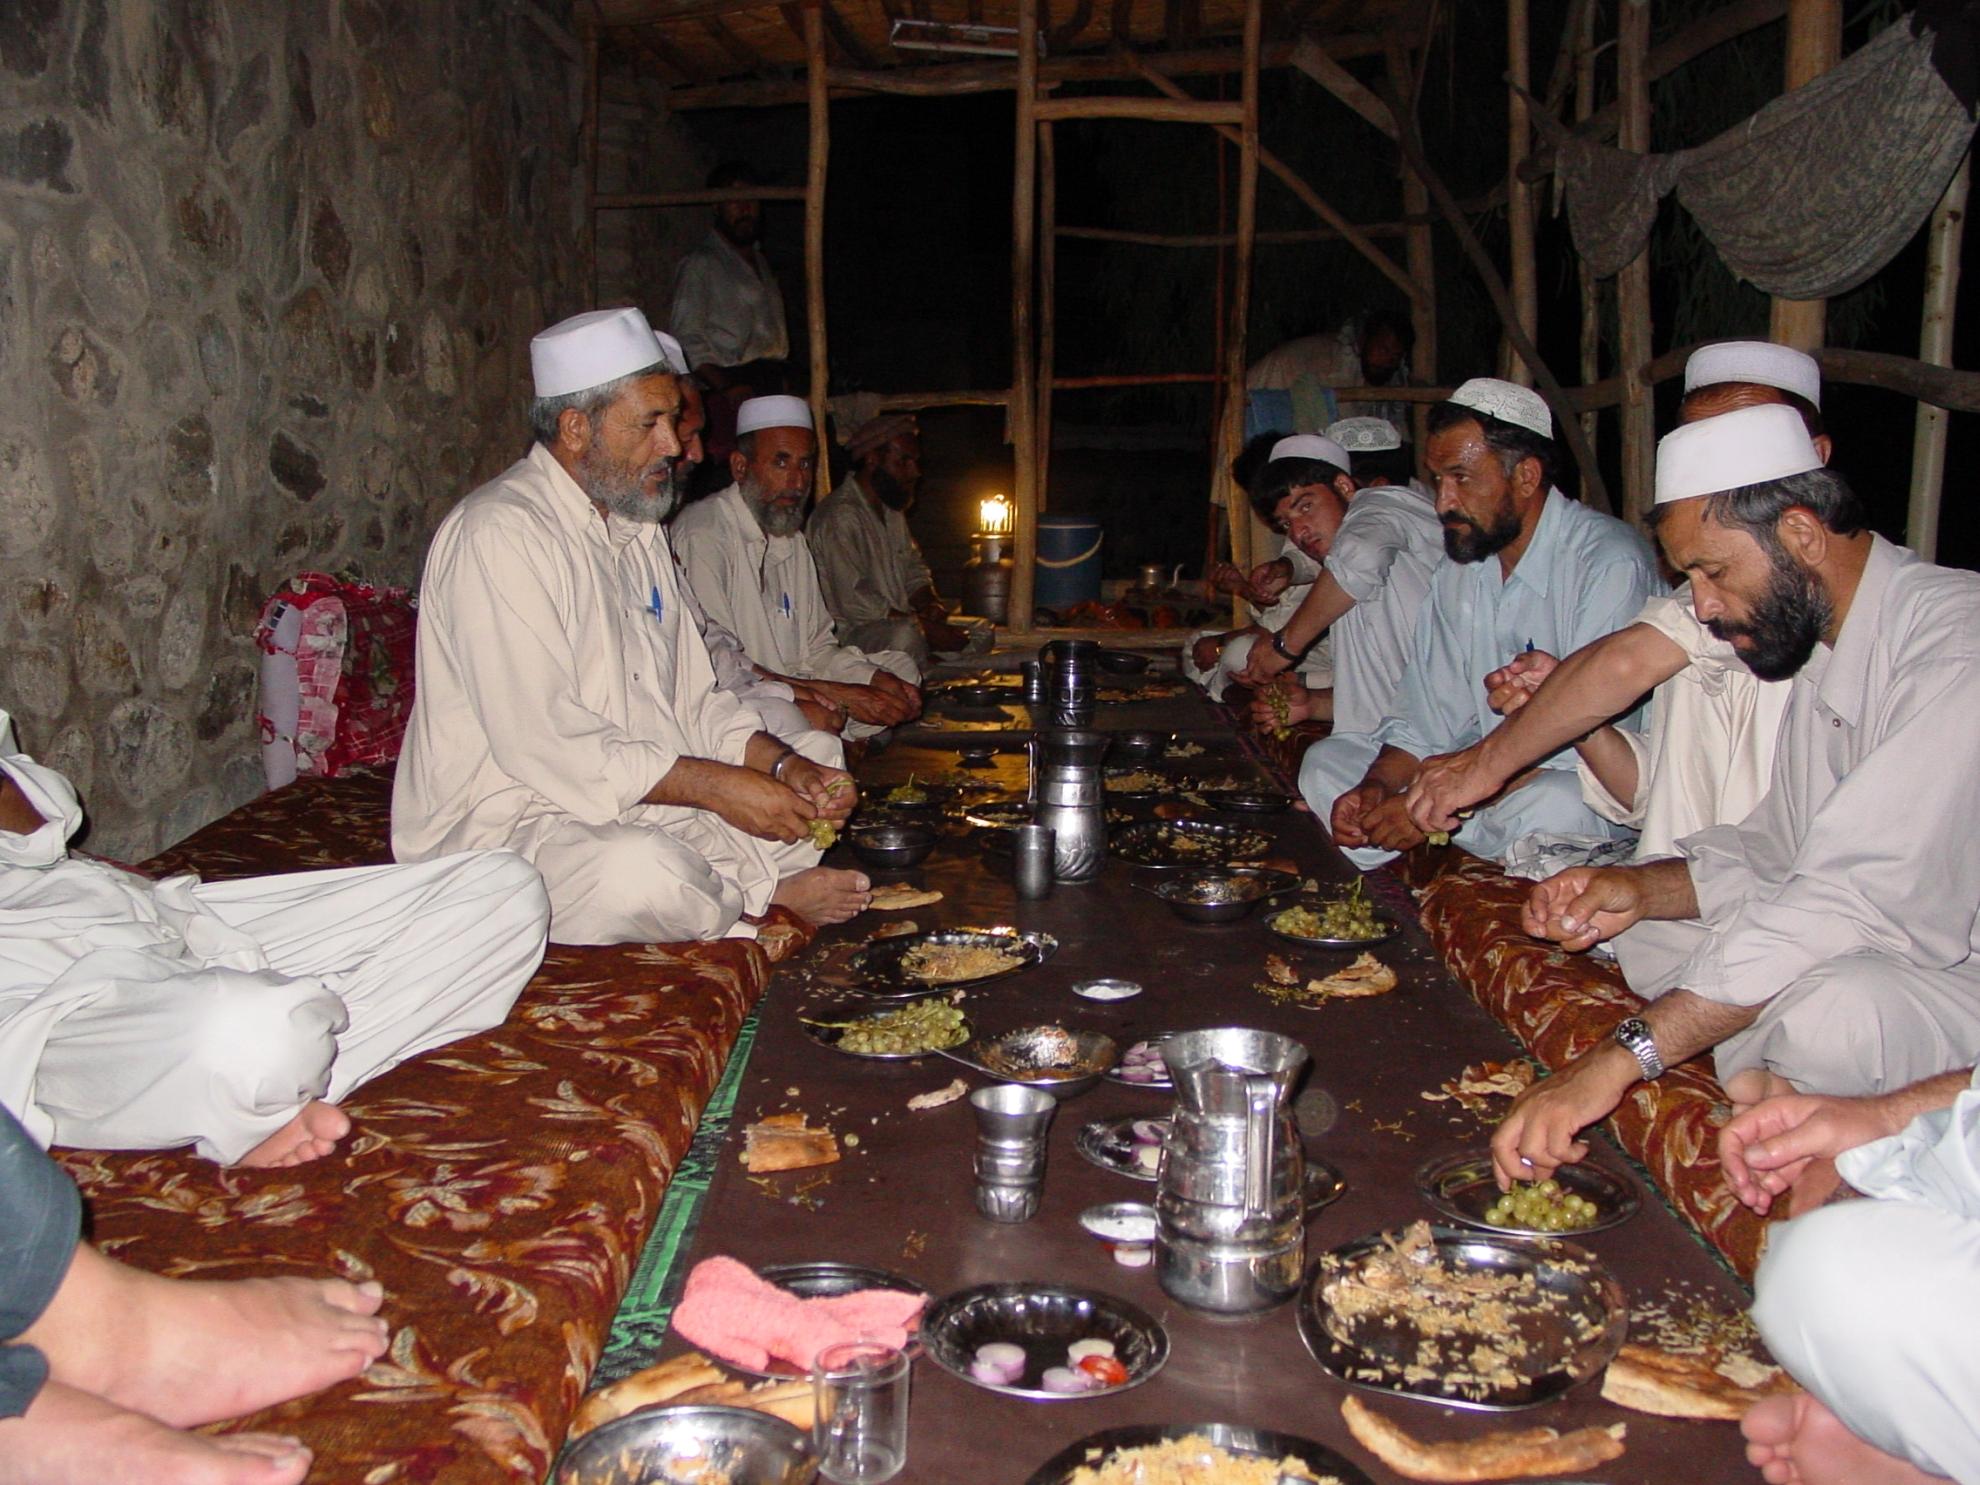 Her kan i se hvordan man spiser i Afghanistan. Foto: Jens Kjær Jensen, 2003